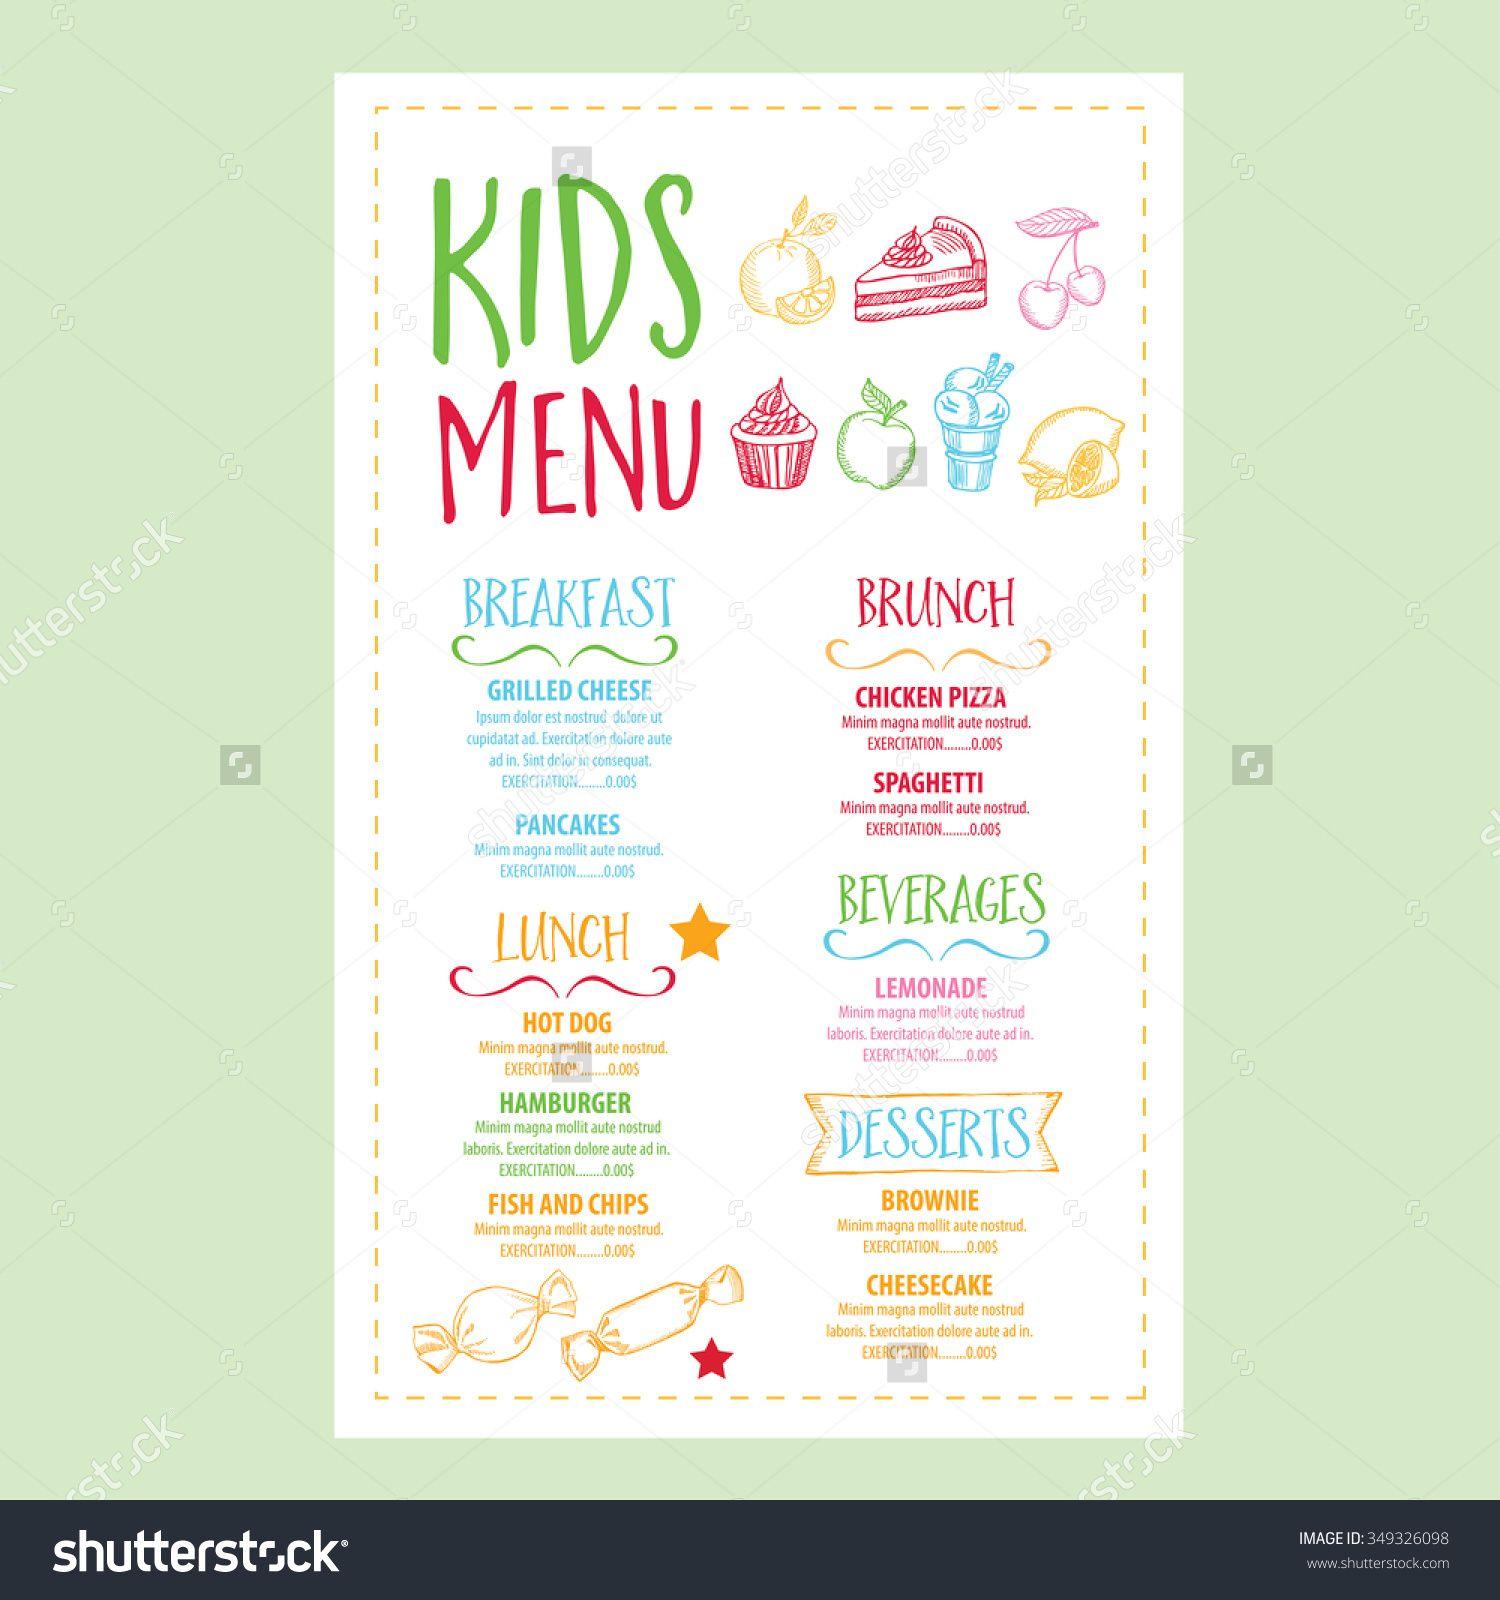 Image Result For Kids Menu Designs